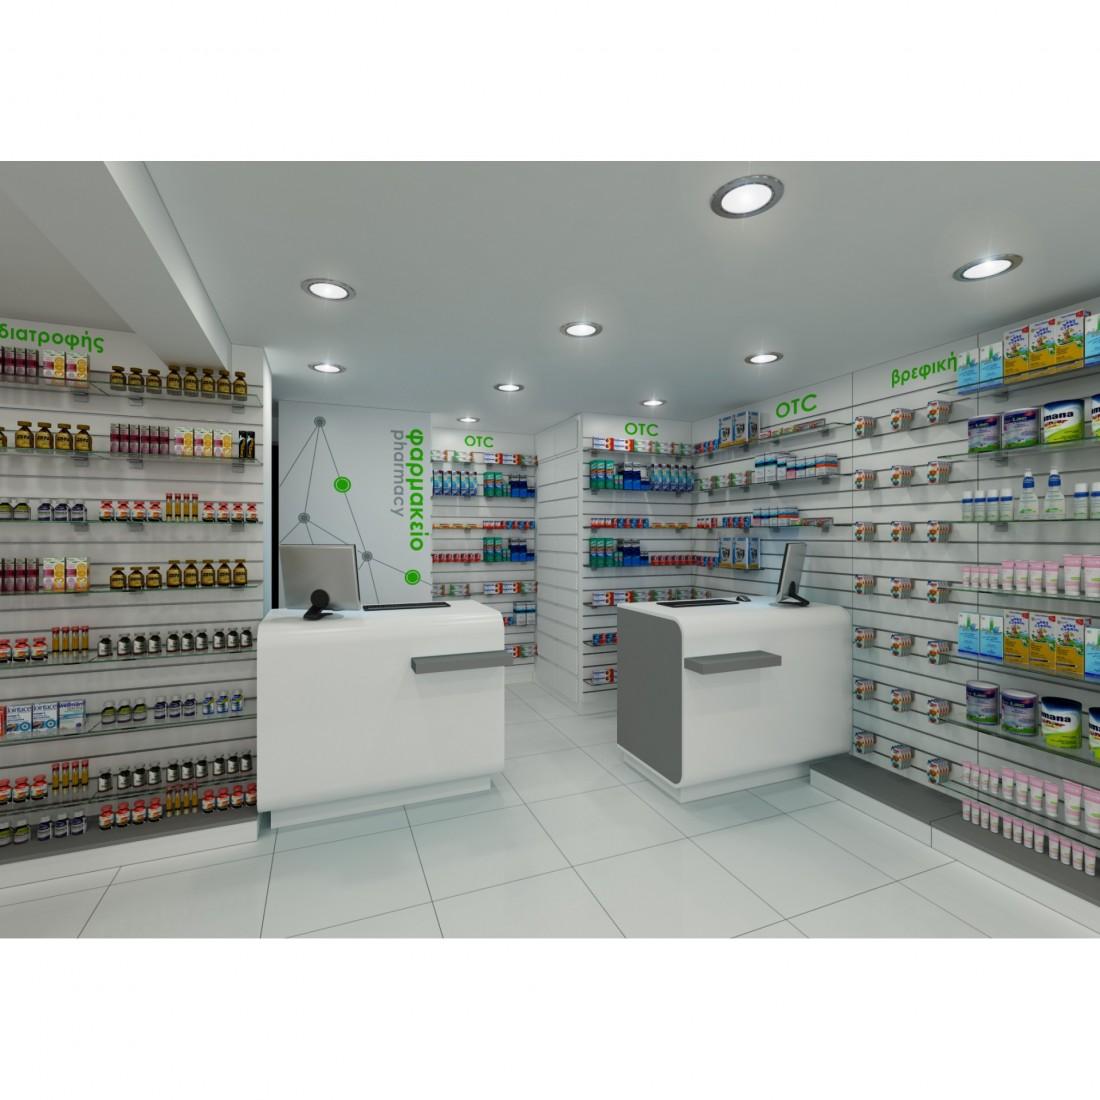 e8dd1a8bbd ανακαινιση φαρμακειου ανακαινιση φαρμακειου ανακαινιση φαρμακειου  ανακαινιση φαρμακειου ...